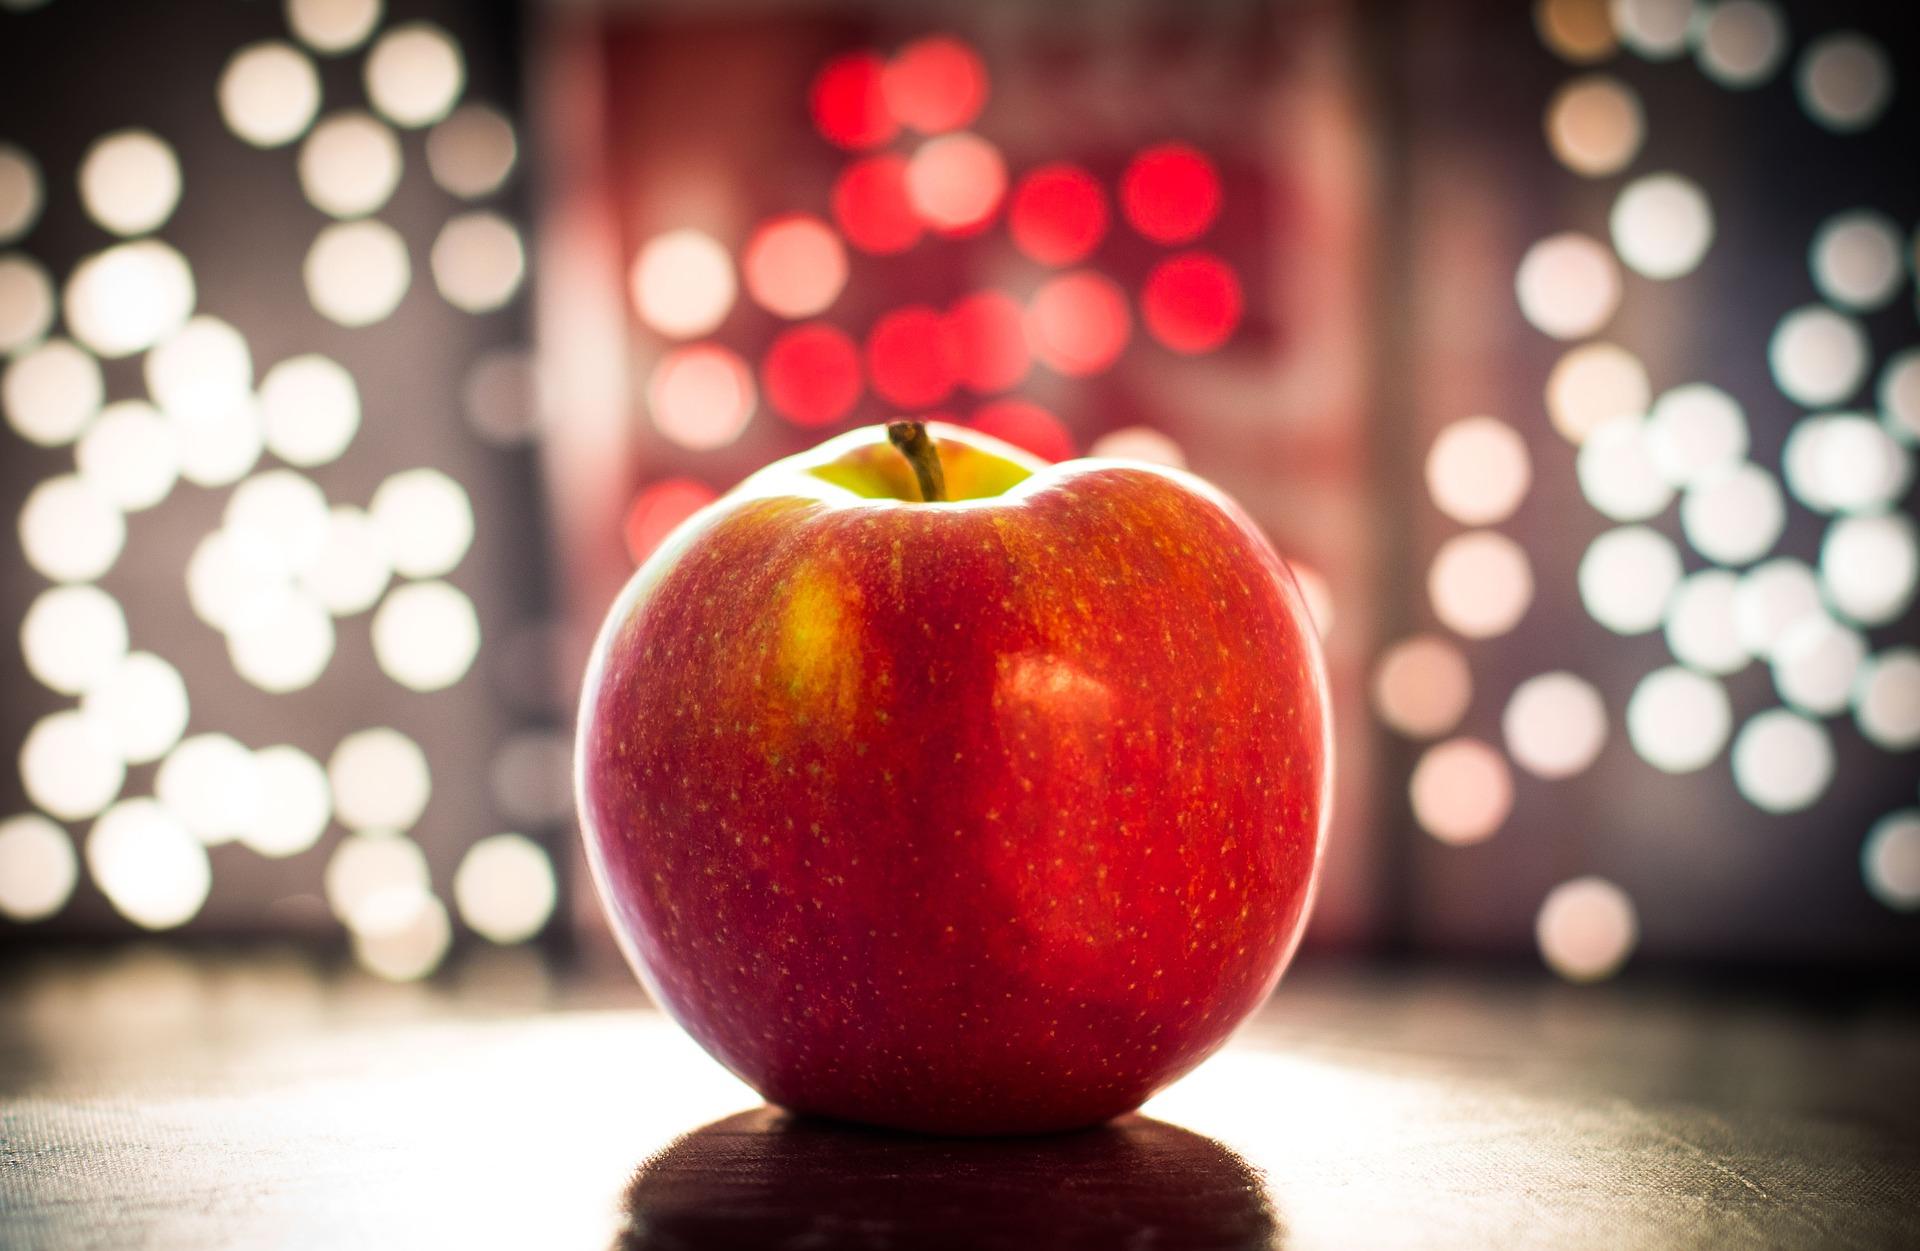 Гадание на любимого на яблоке - Энциклопедия гаданий